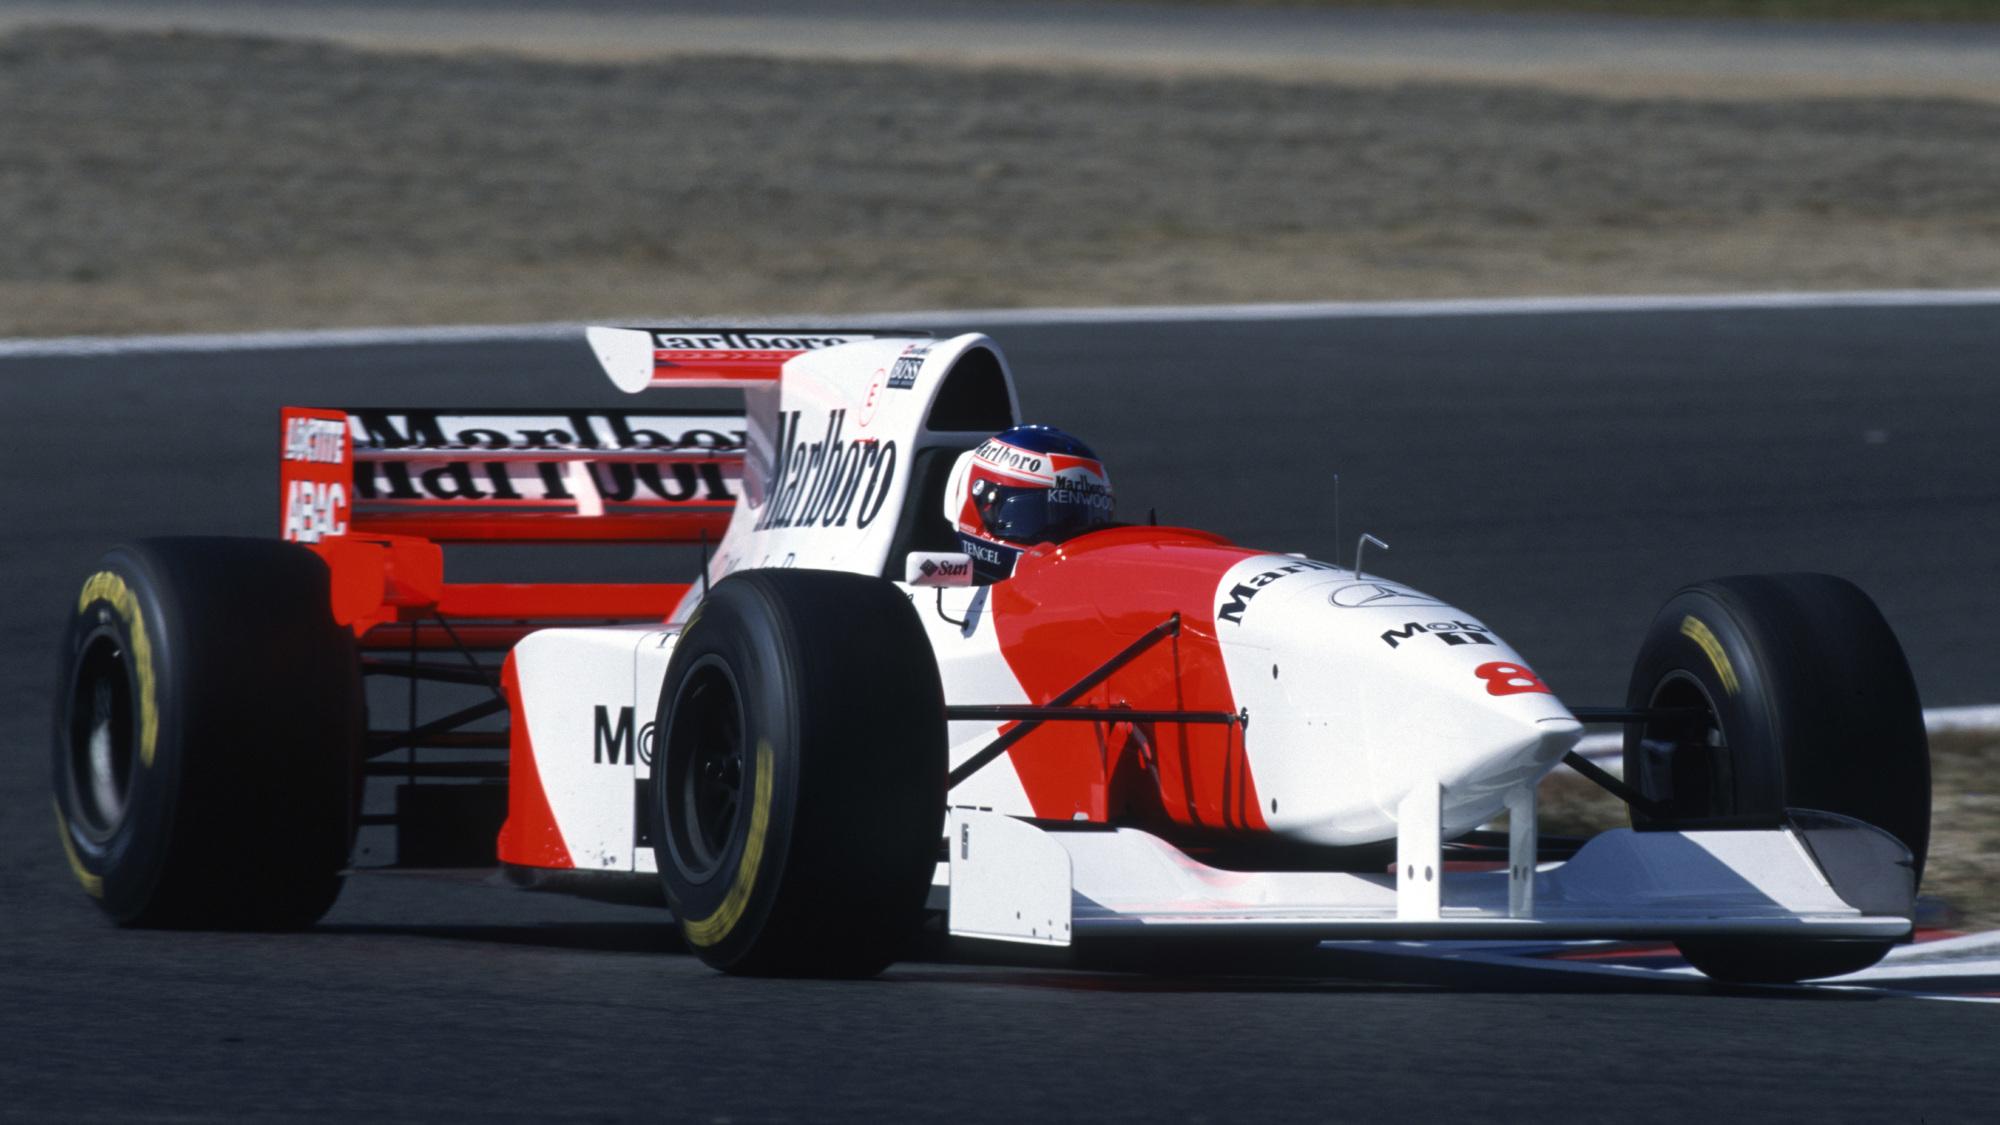 Jan Magnussen, 1995 McLaren